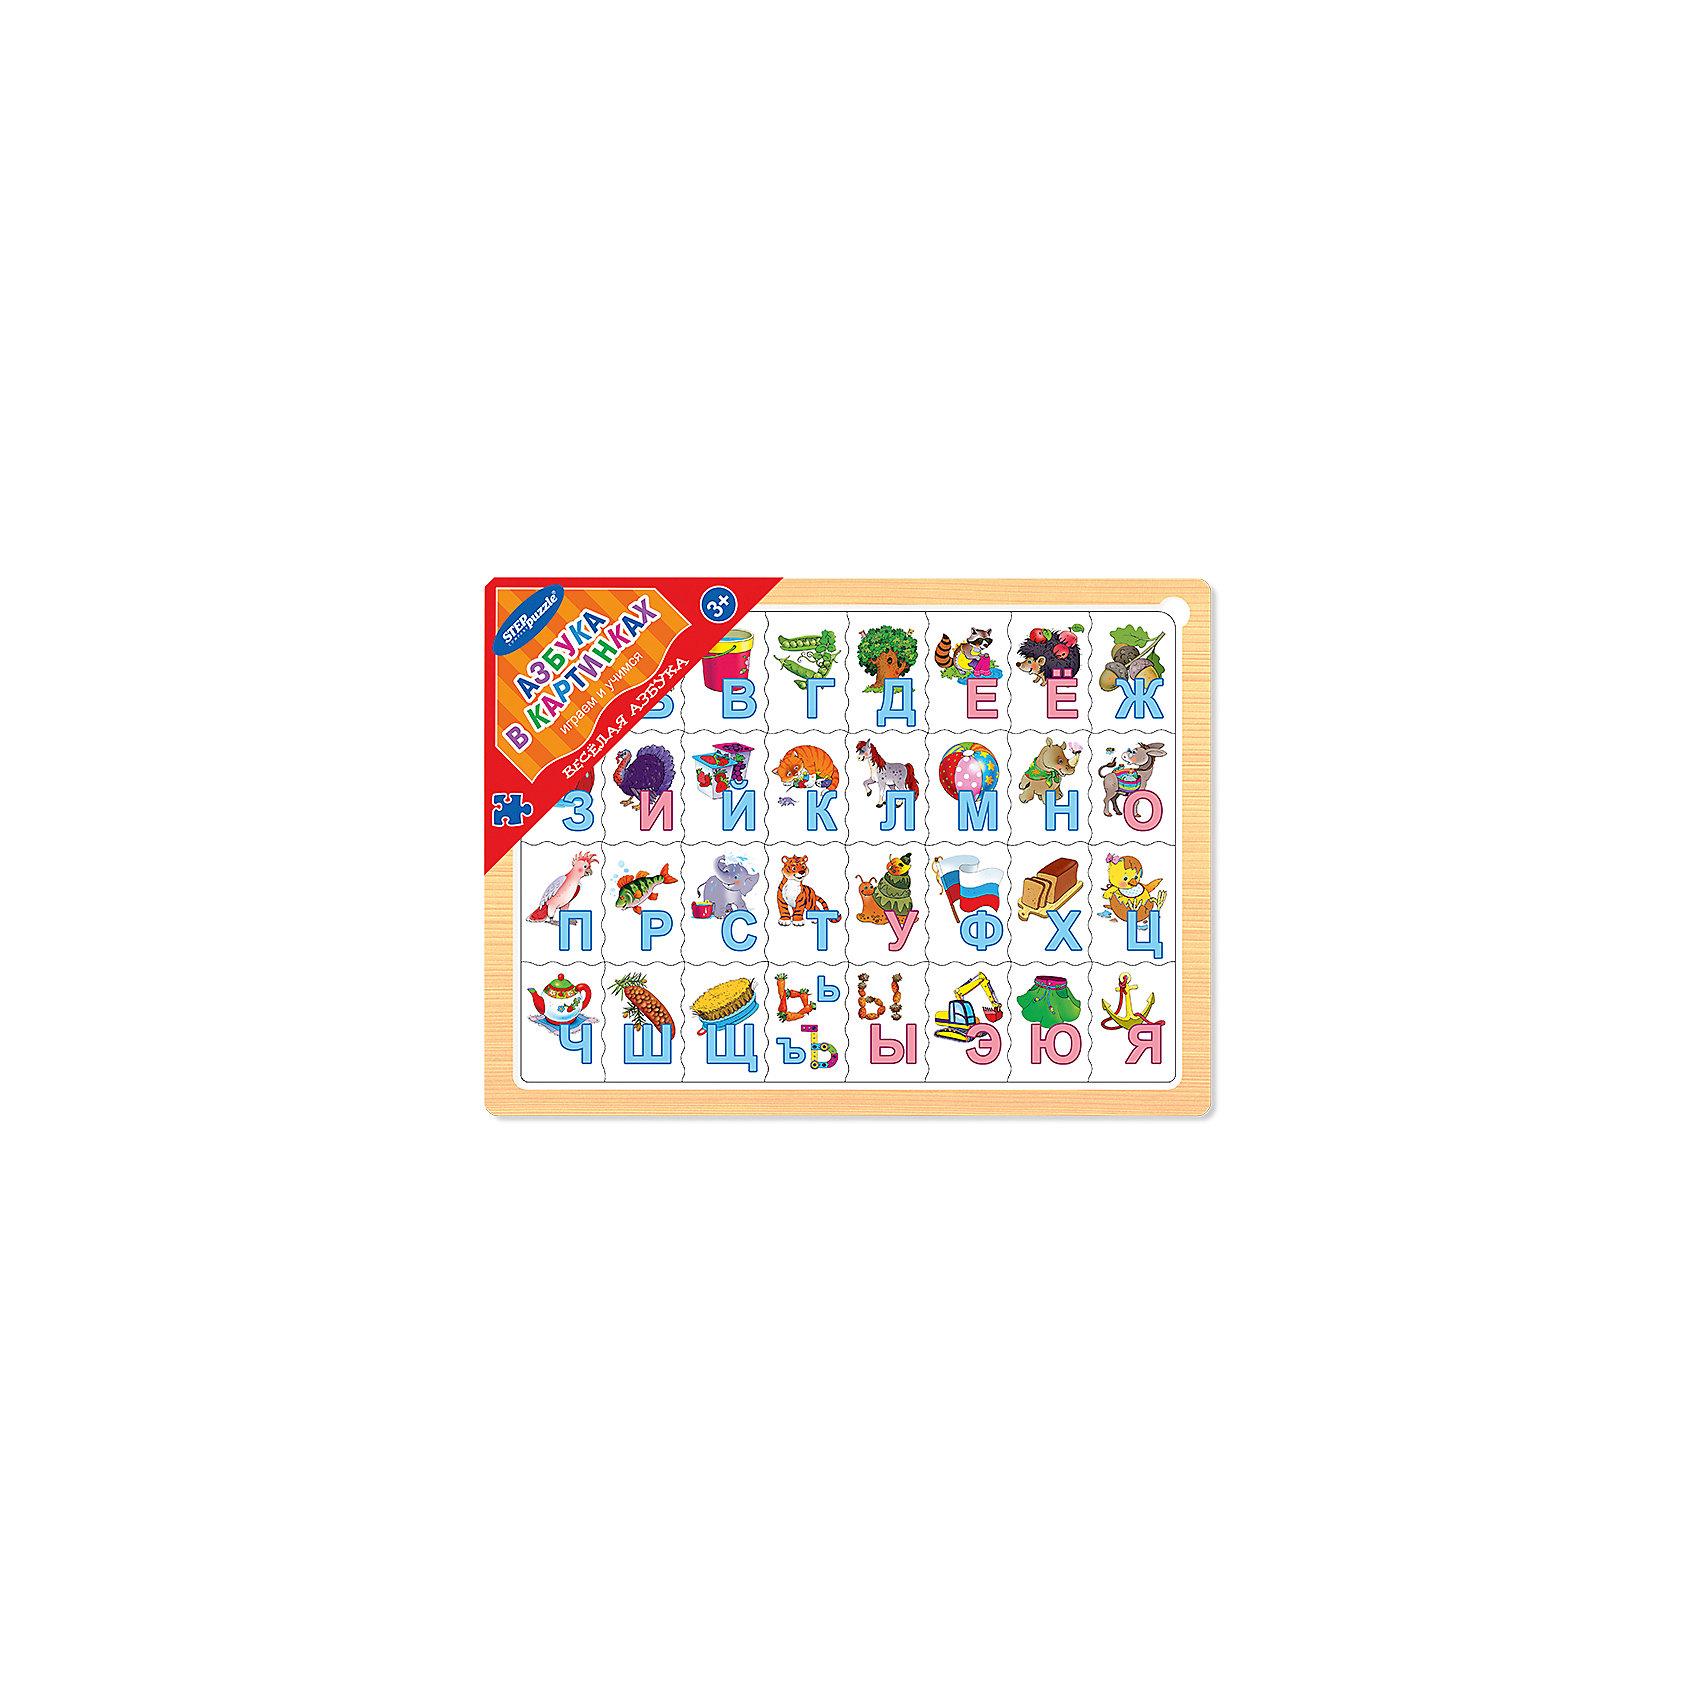 Игра из дерева Весёлая азбука в картинках, Степ ПазлДеревянные игры и пазлы<br><br><br>Ширина мм: 300<br>Глубина мм: 220<br>Высота мм: 8<br>Вес г: 380<br>Возраст от месяцев: 24<br>Возраст до месяцев: 2147483647<br>Пол: Унисекс<br>Возраст: Детский<br>SKU: 5502549